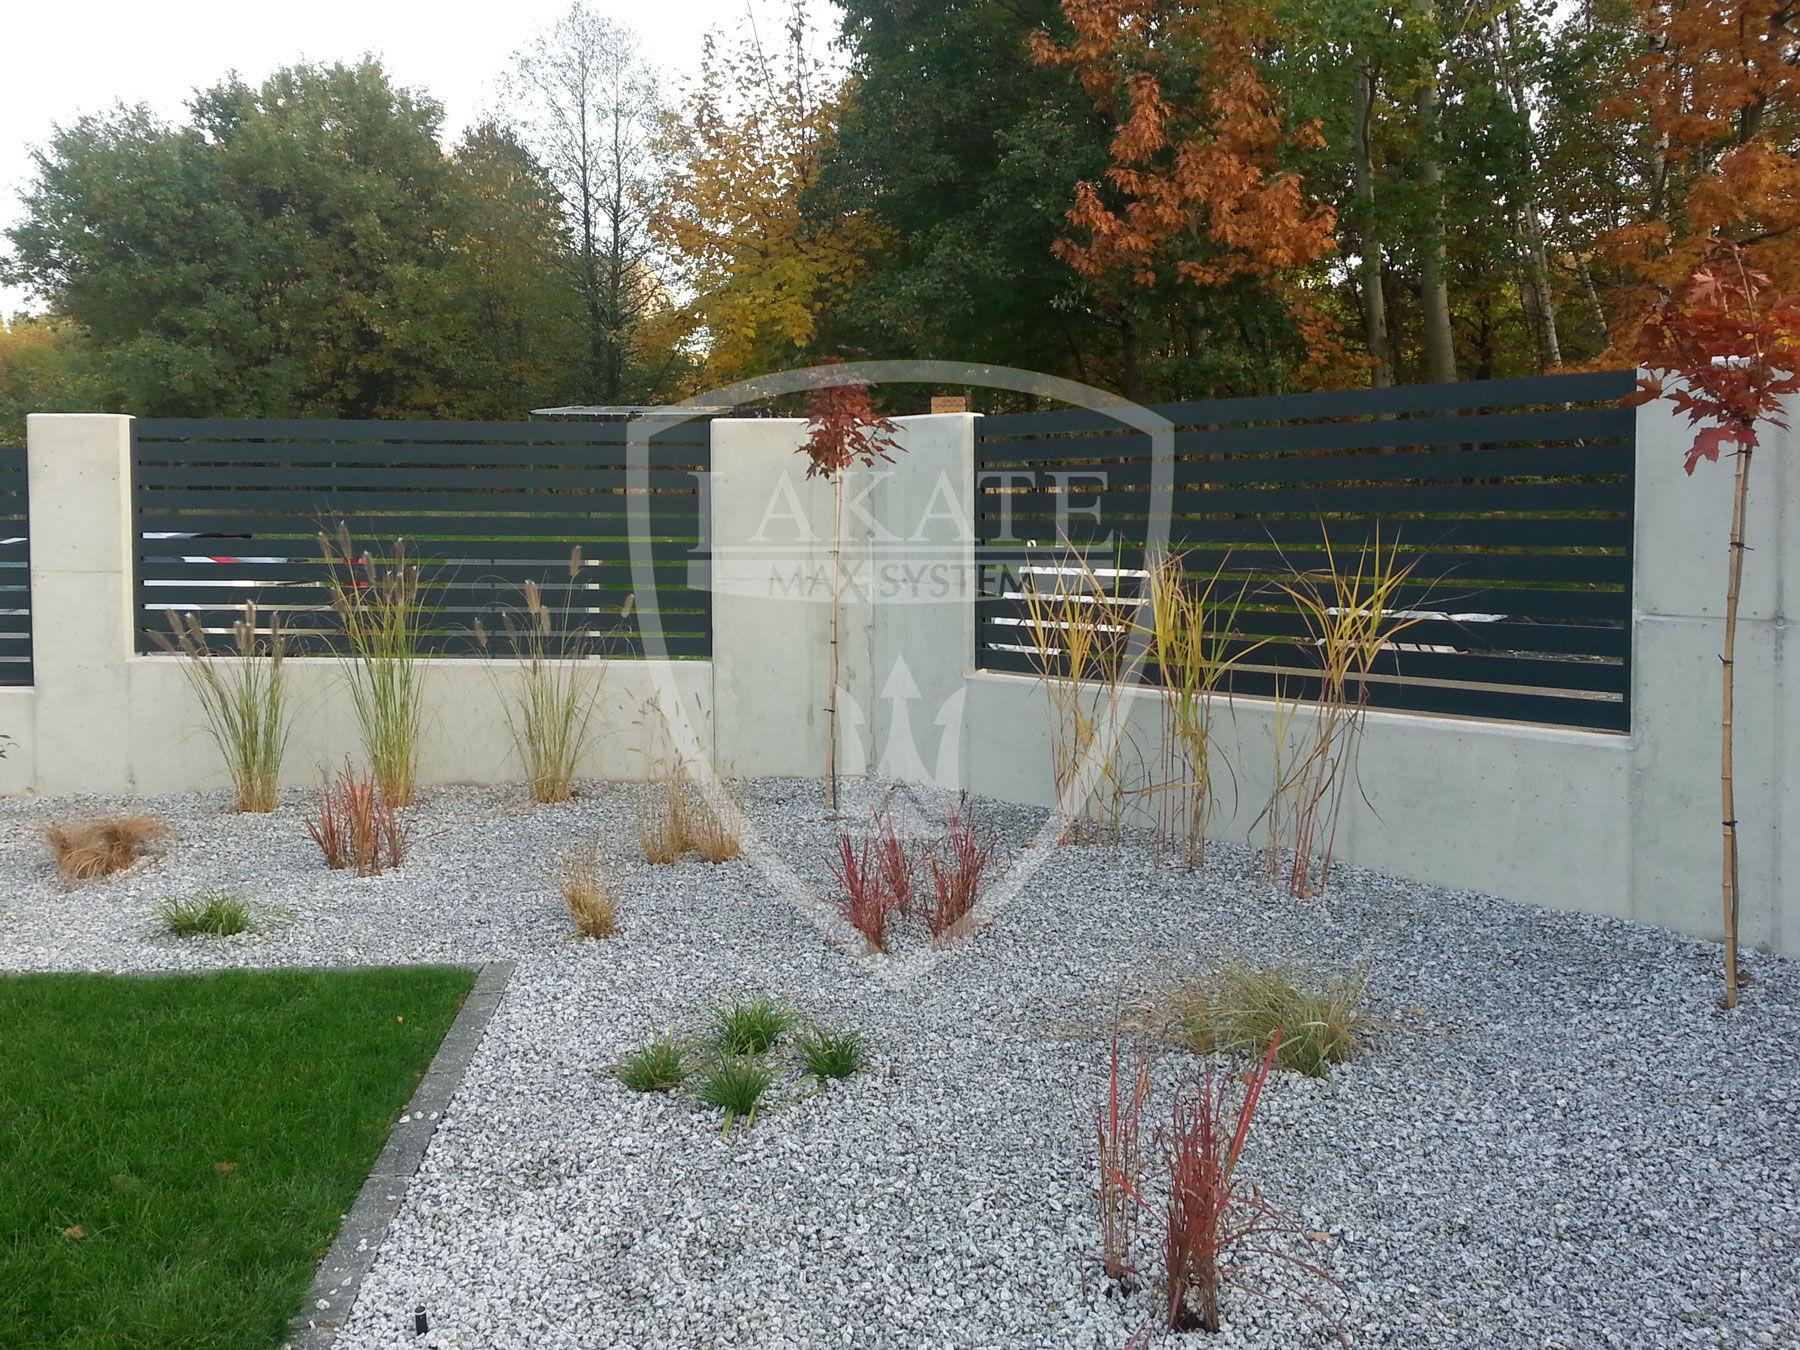 Ogrodzenie Alu Fence, beton architektoniczny